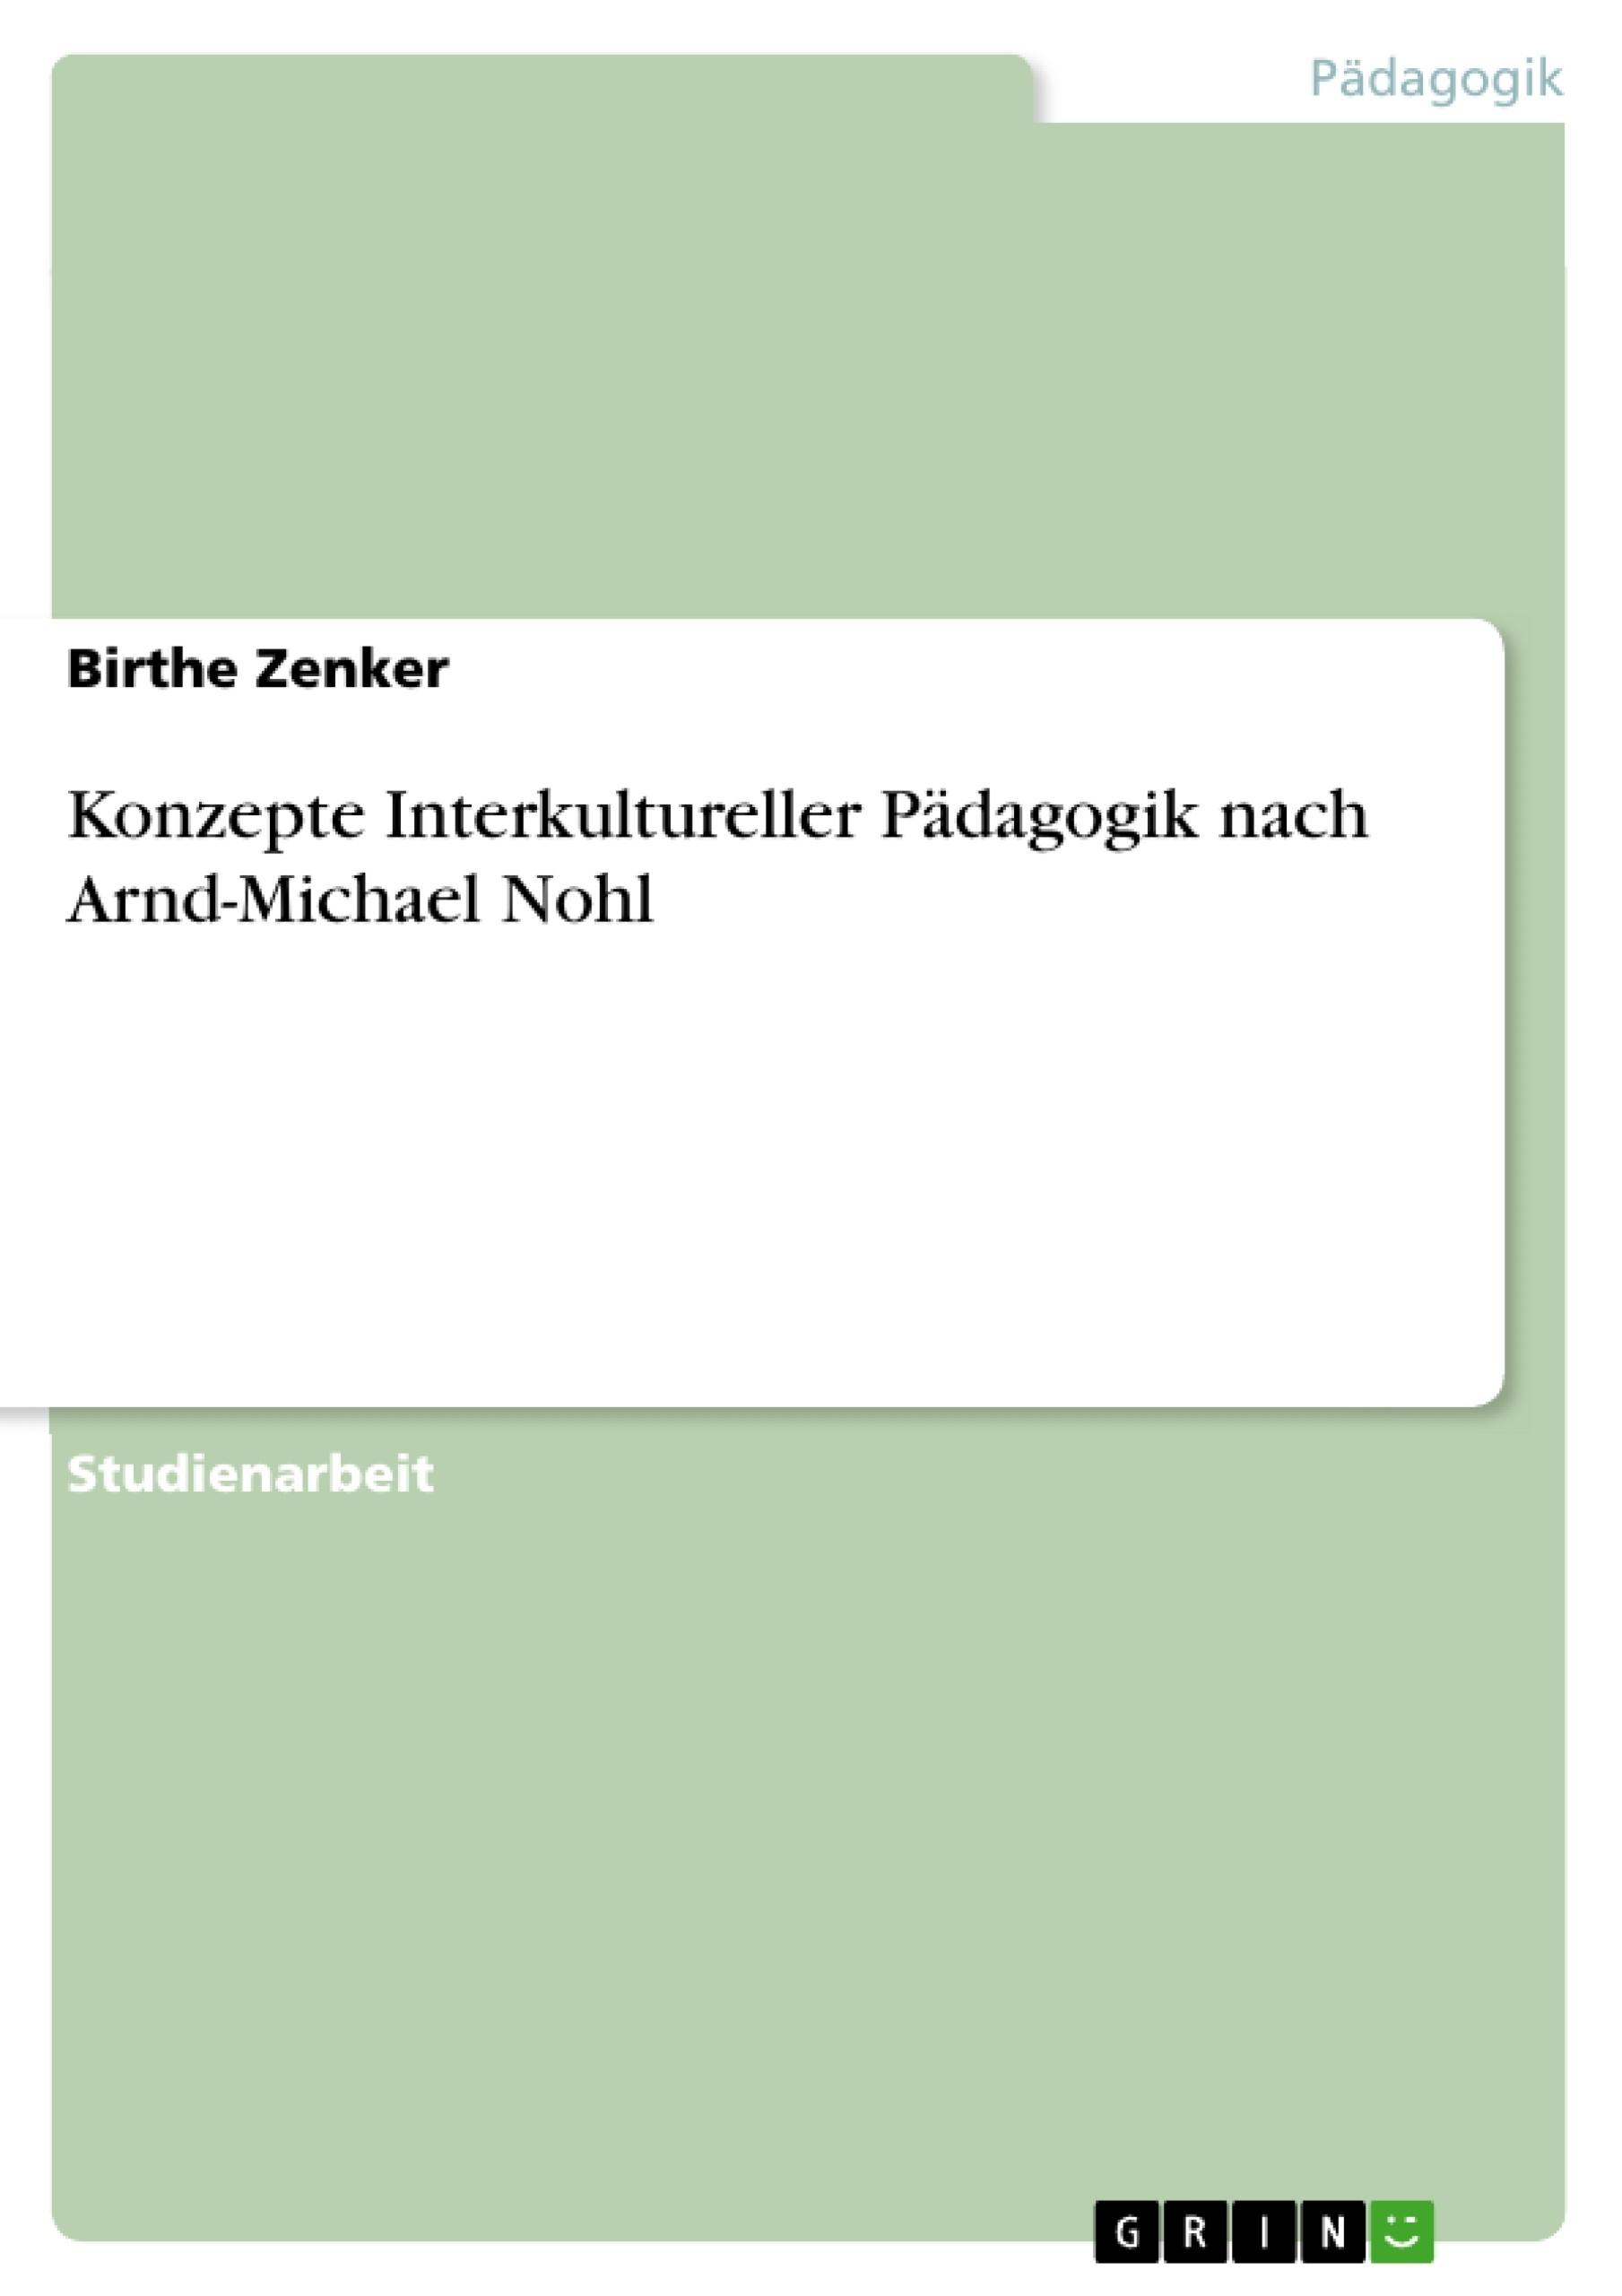 Titel: Konzepte Interkultureller Pädagogik nach Arnd-Michael Nohl